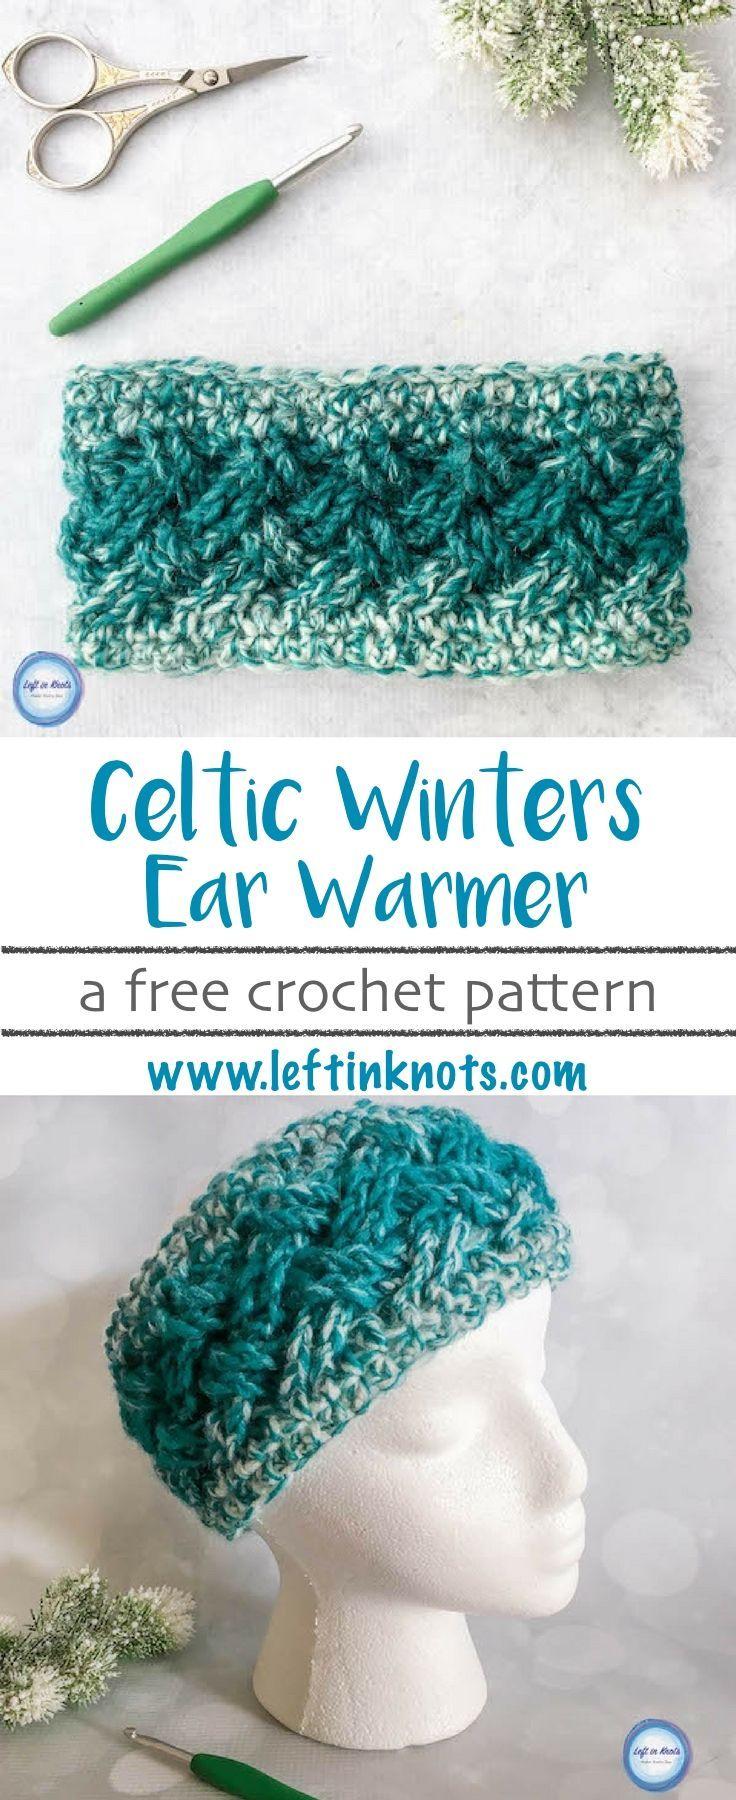 Celtic Winters Ear Warmer Crochet Pattern | Gorros, Tejido y Ganchillo